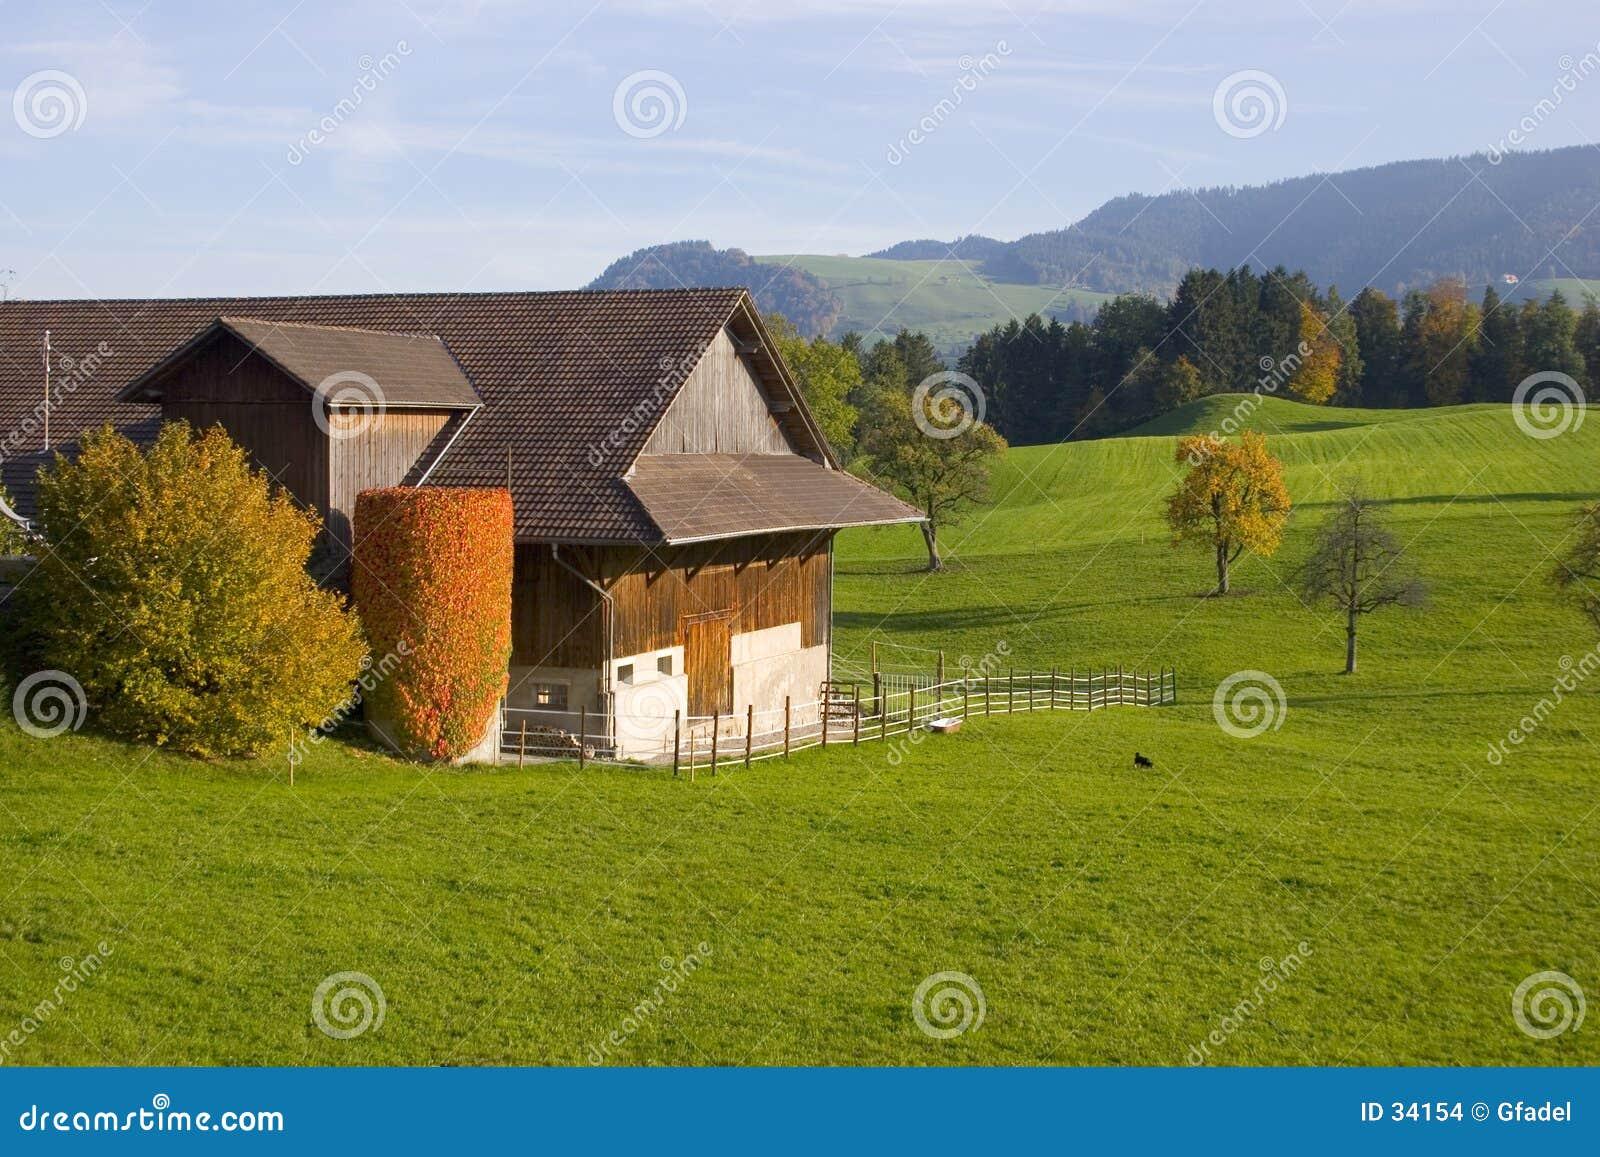 Swiss Farm I